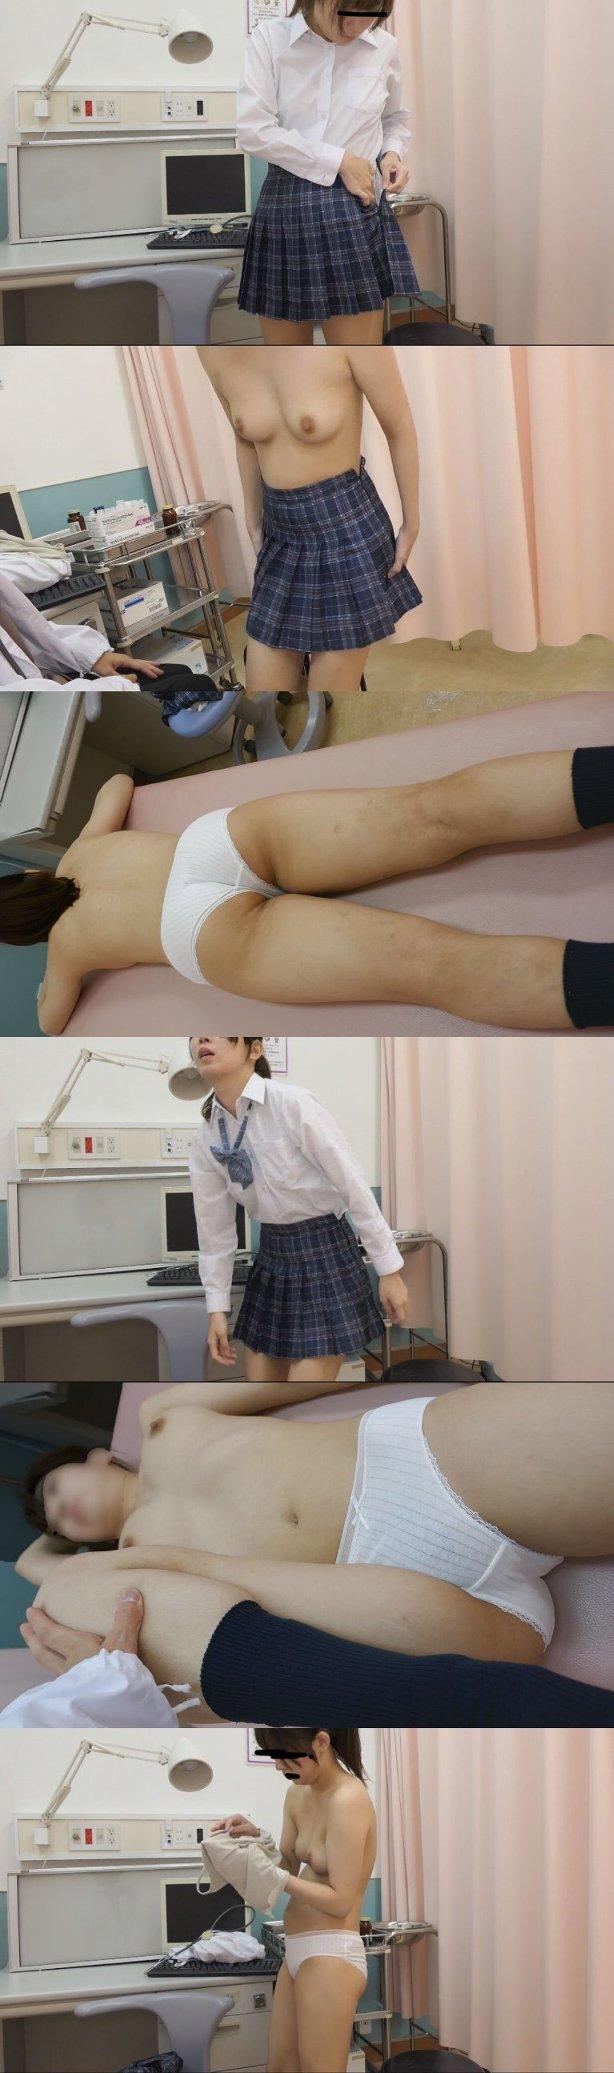 非常勤医師の婦人科診察秘録()02